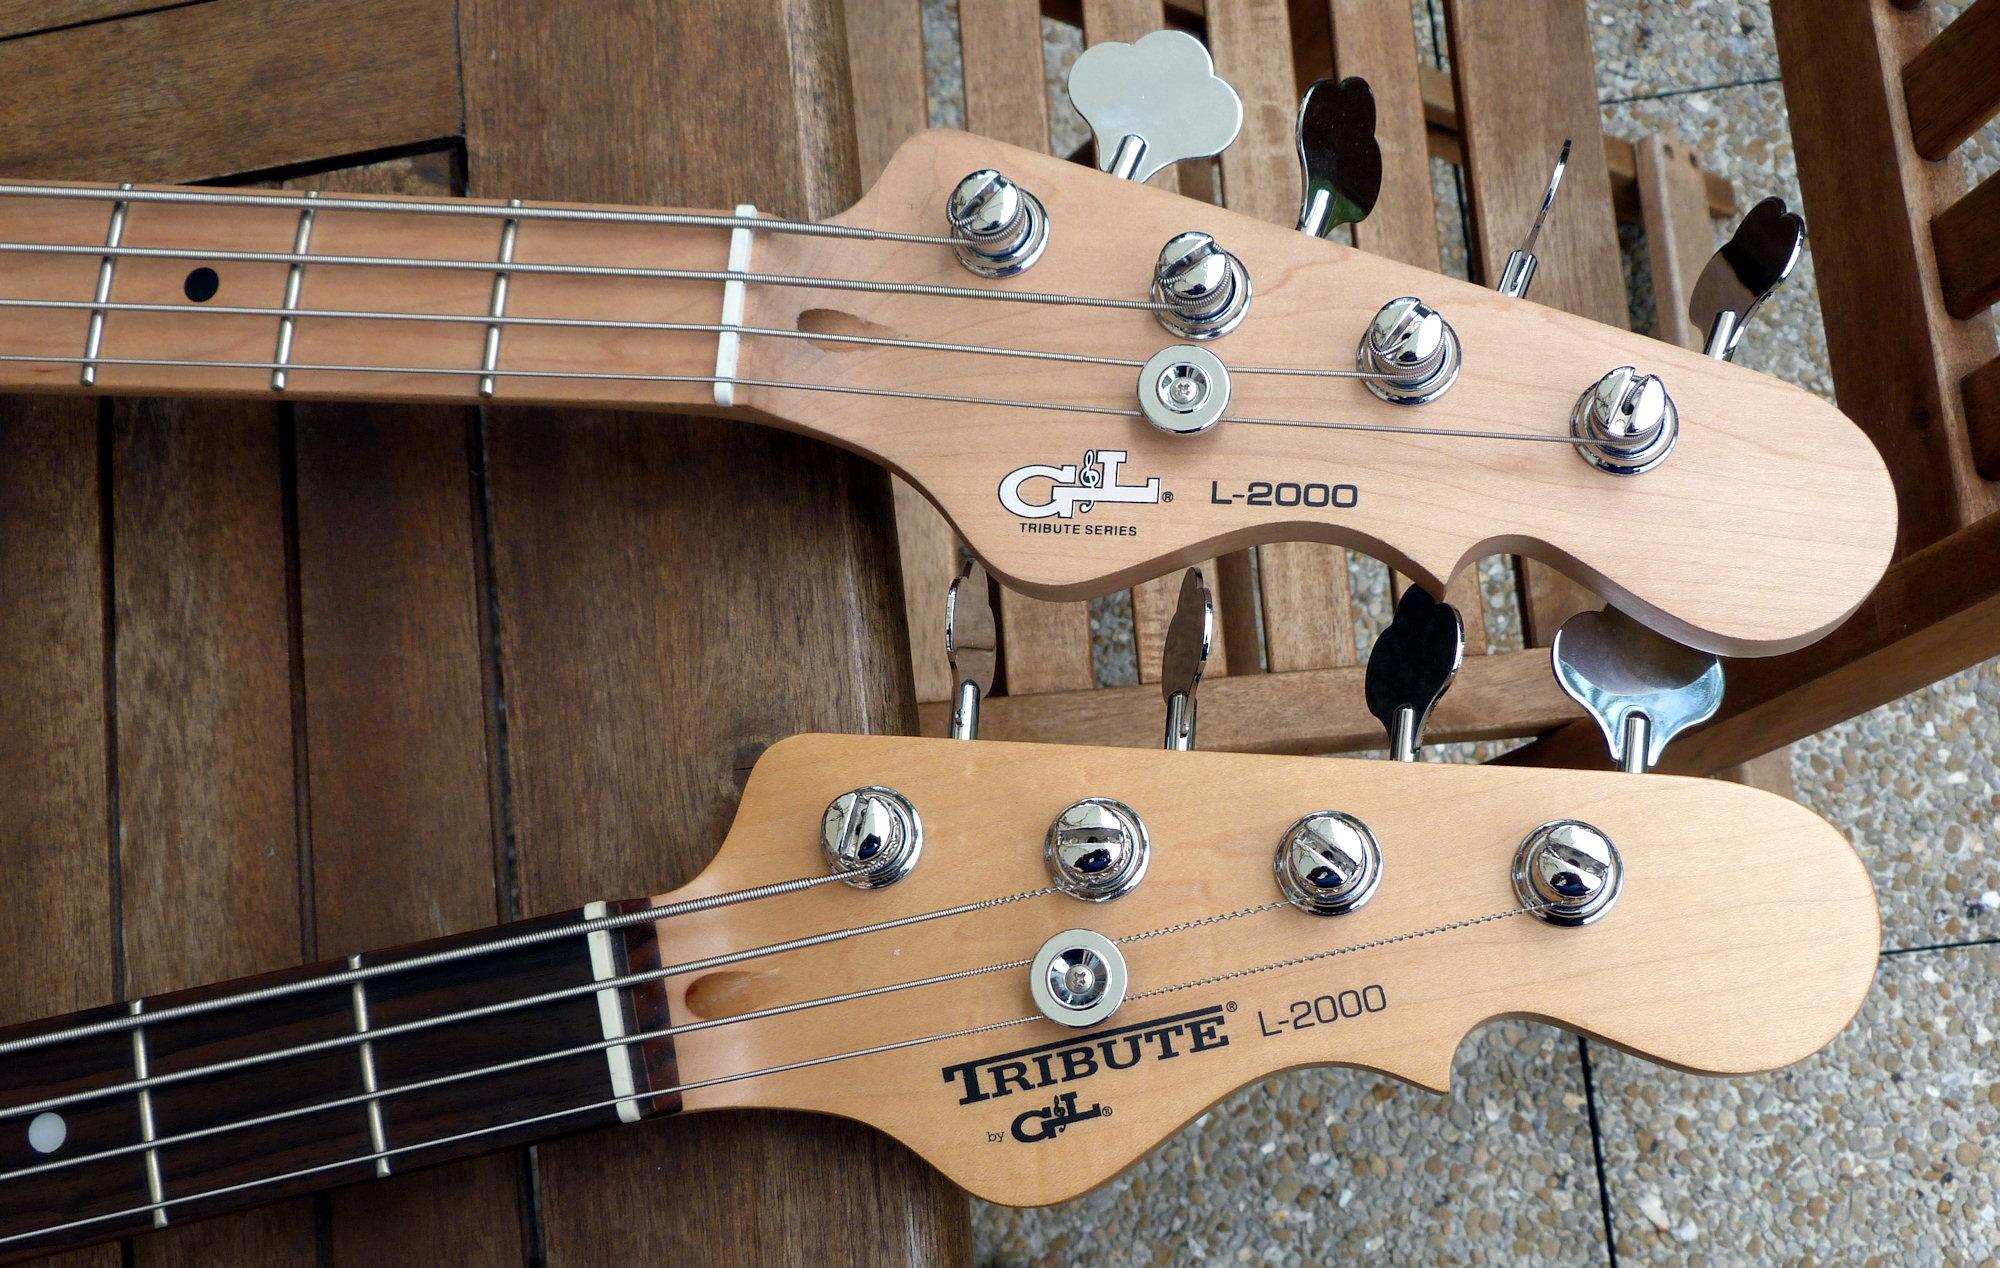 g&l l2000 tribute manual